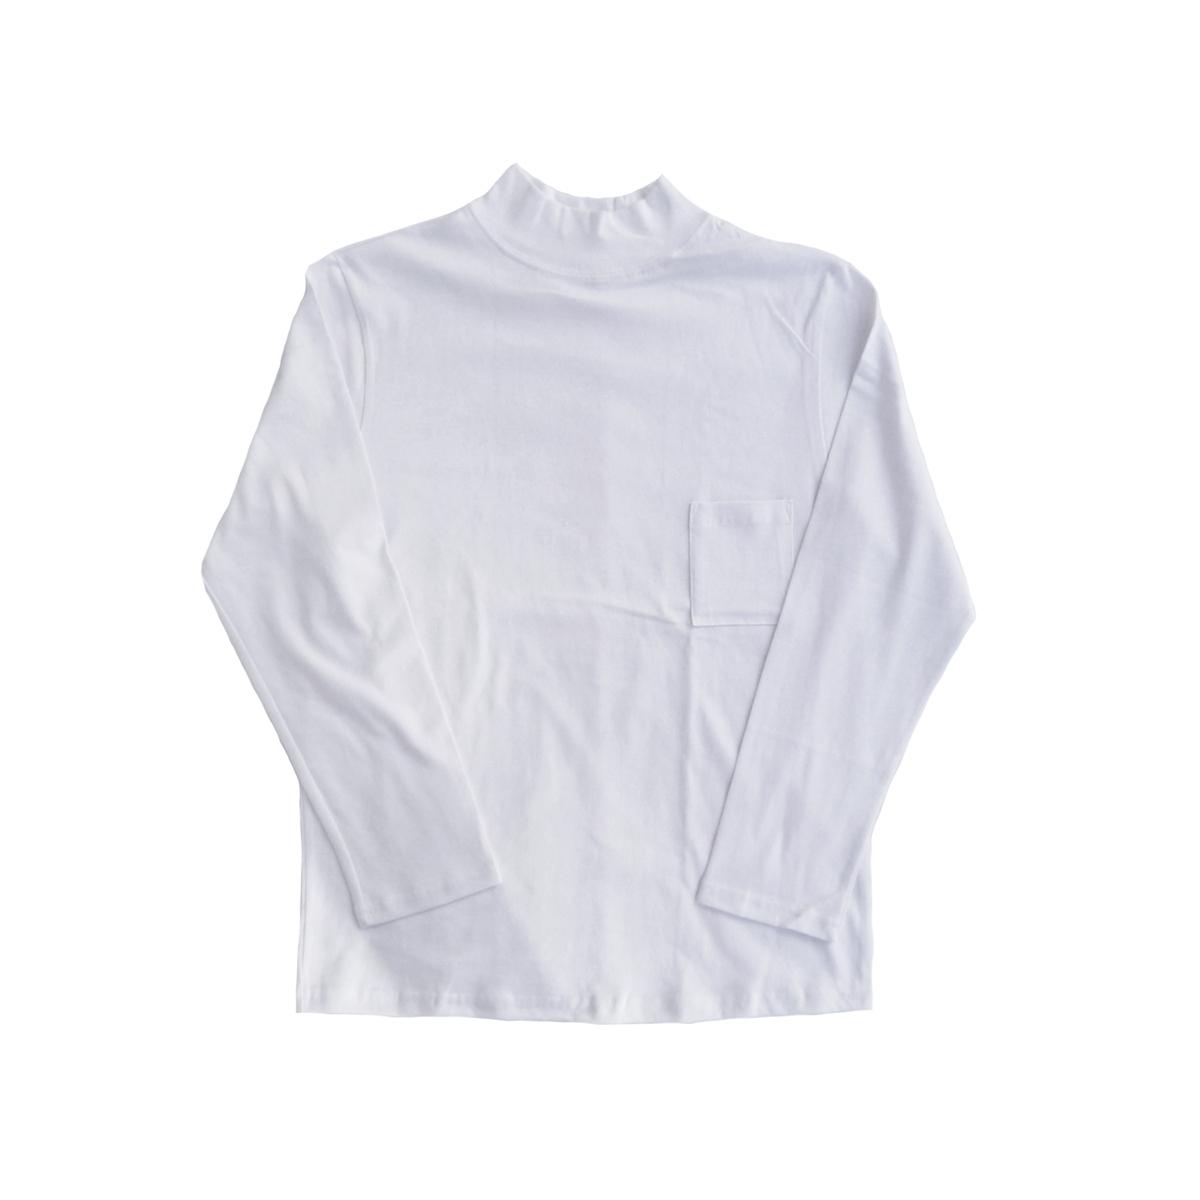 画像1: BACK HEAD ハイネック ロングスリーブ Tシャツ ホワイト メンズ (1)